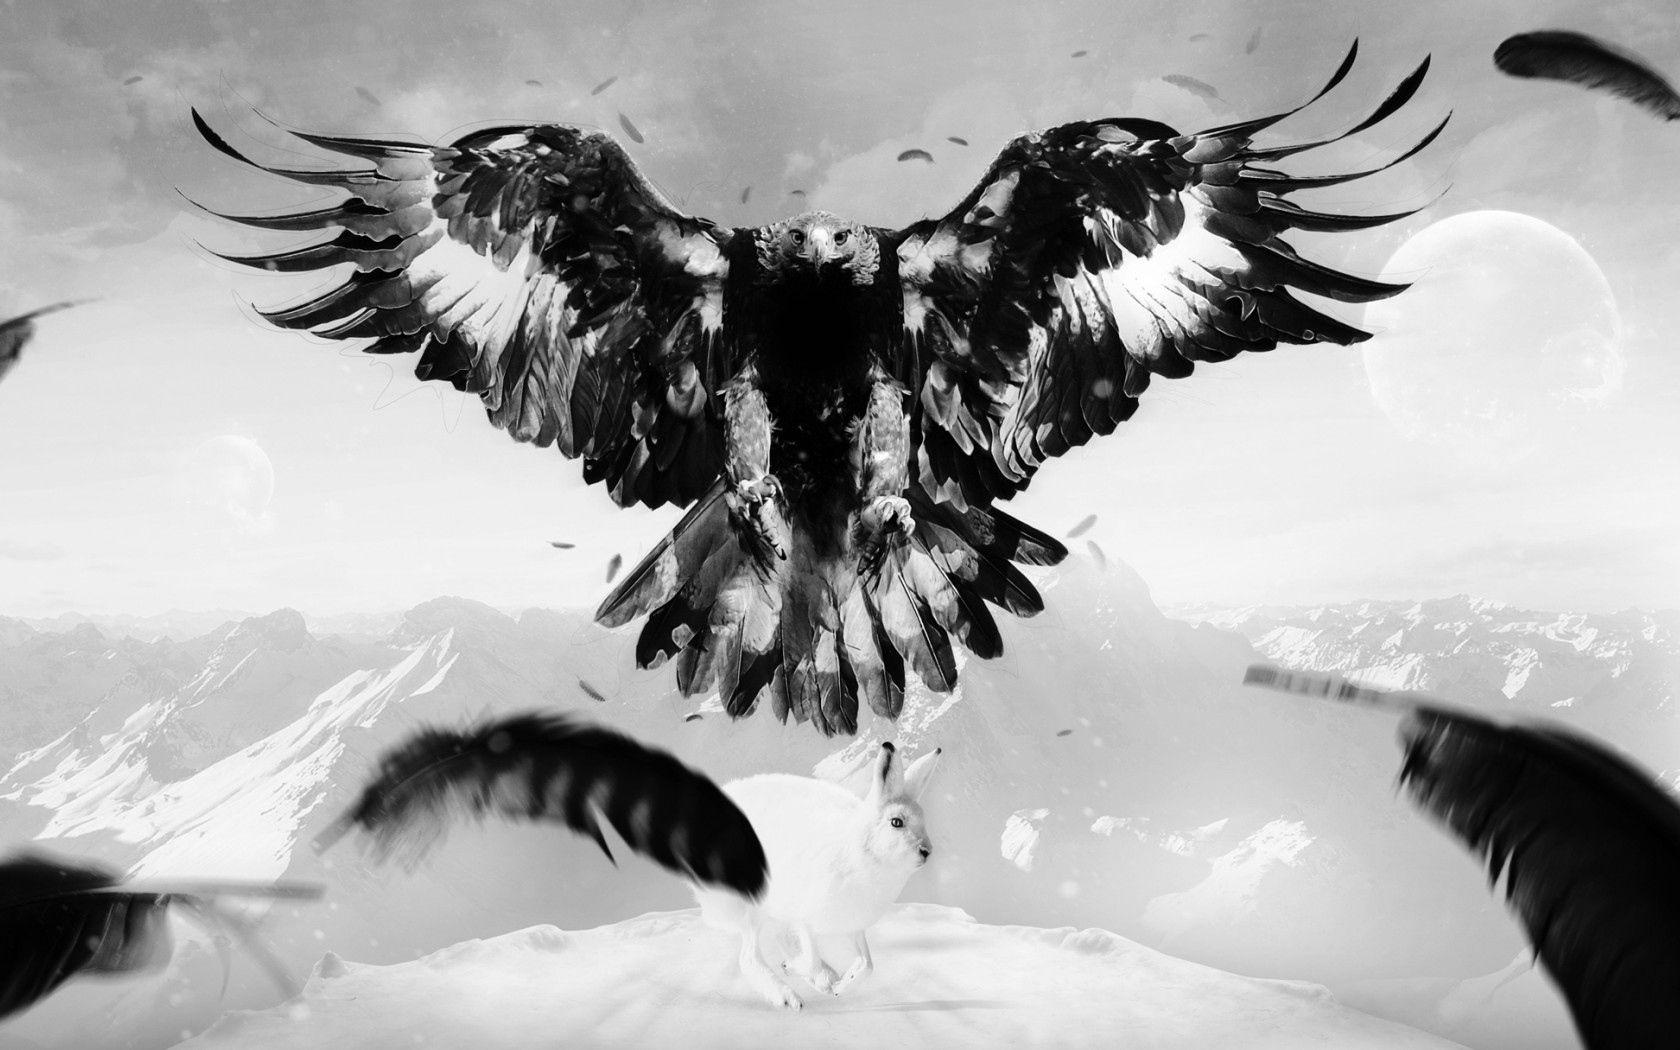 免費壁紙90423:动物, 鹰, 老鹰, 野兔, 扎亚茨, 艺术, 鸟, 山, 羽毛 下載手機圖片